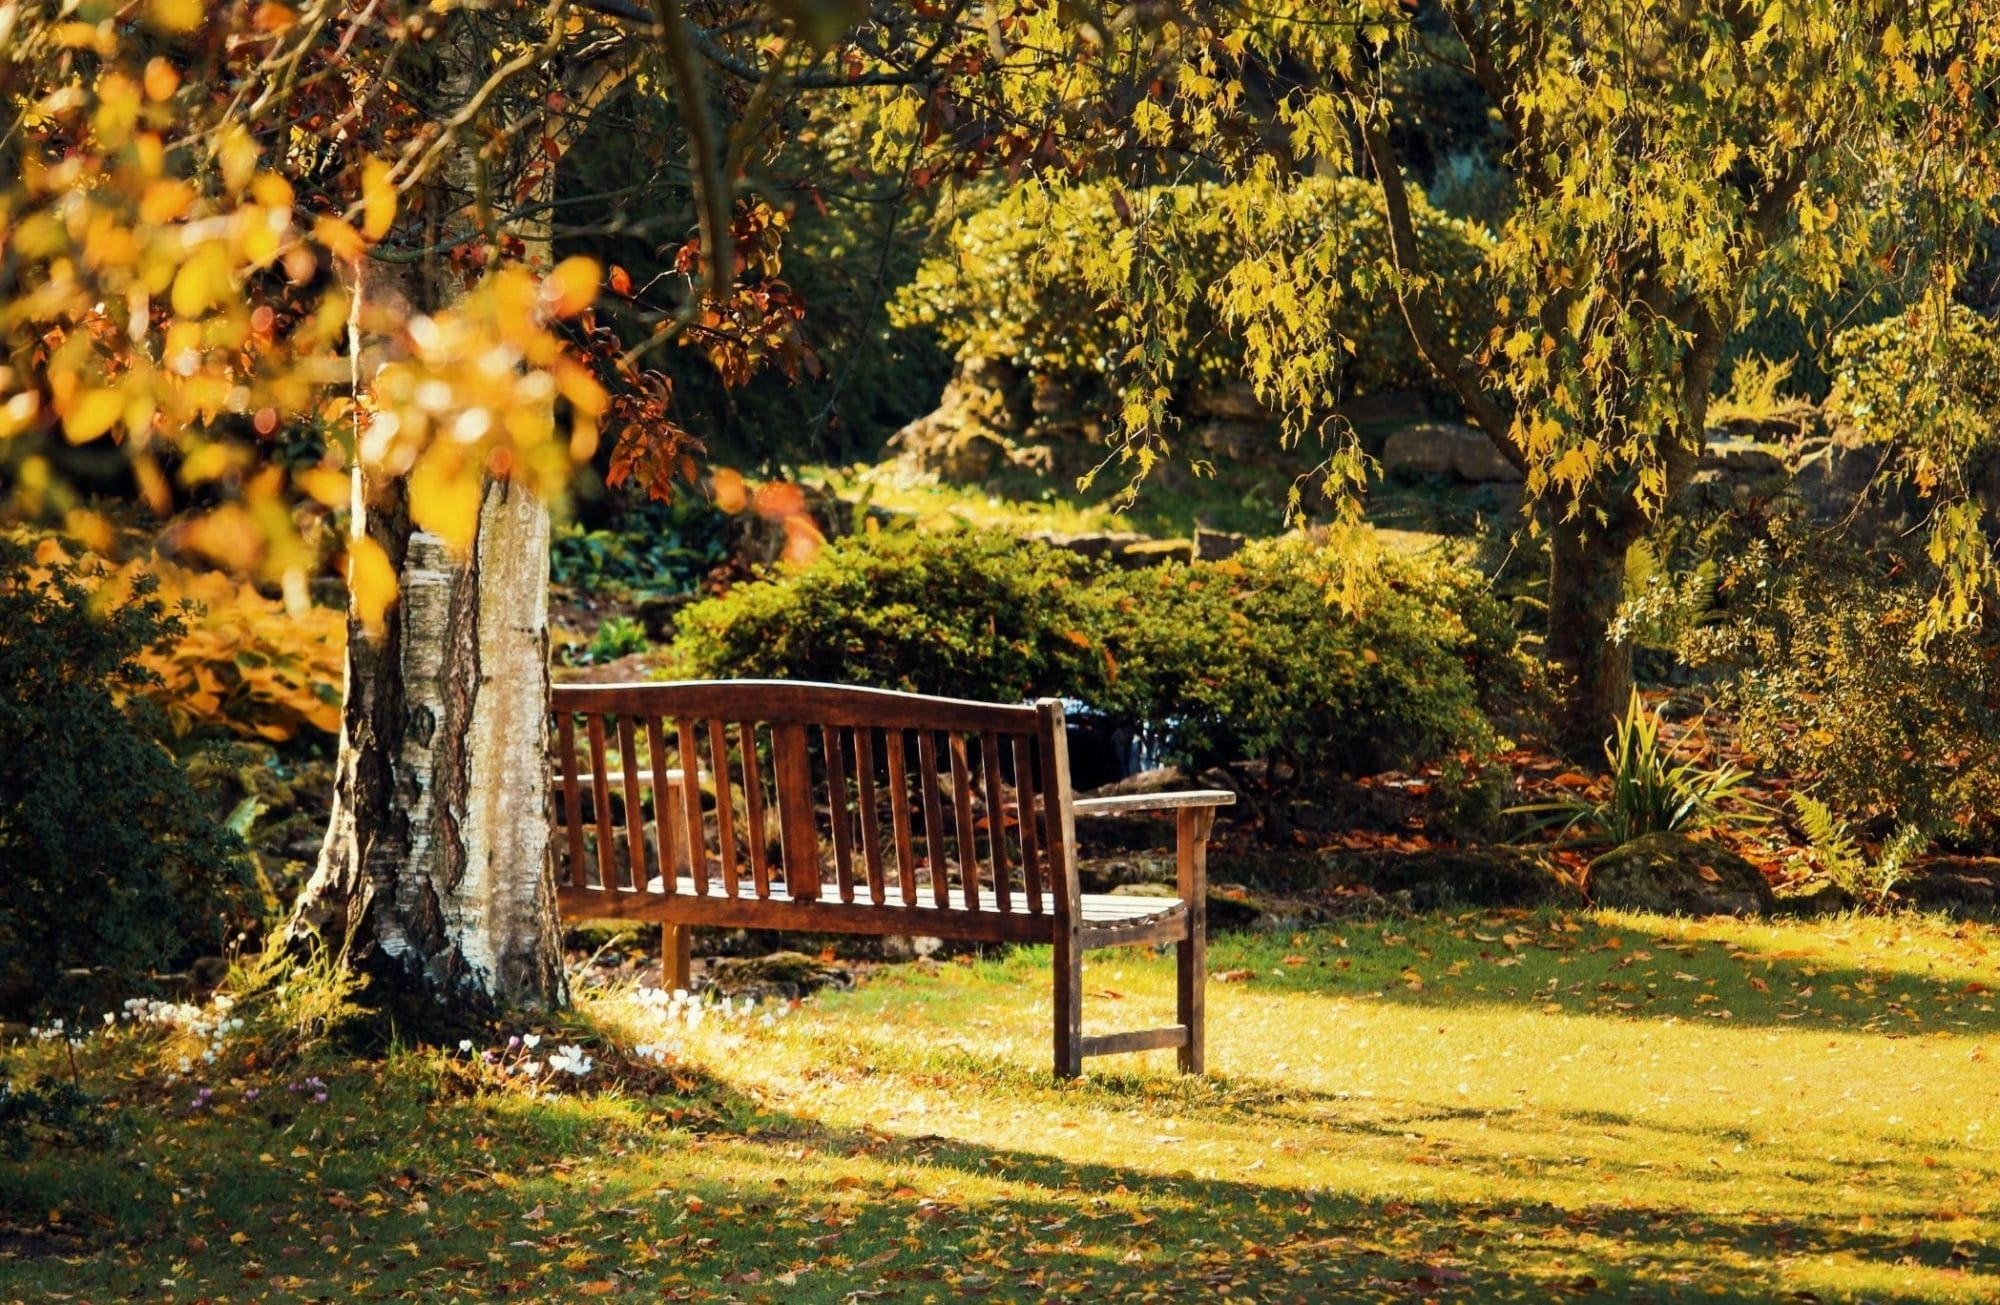 Le jardin-forêt ou forêt nourricière, une variante de l'agroforesterie